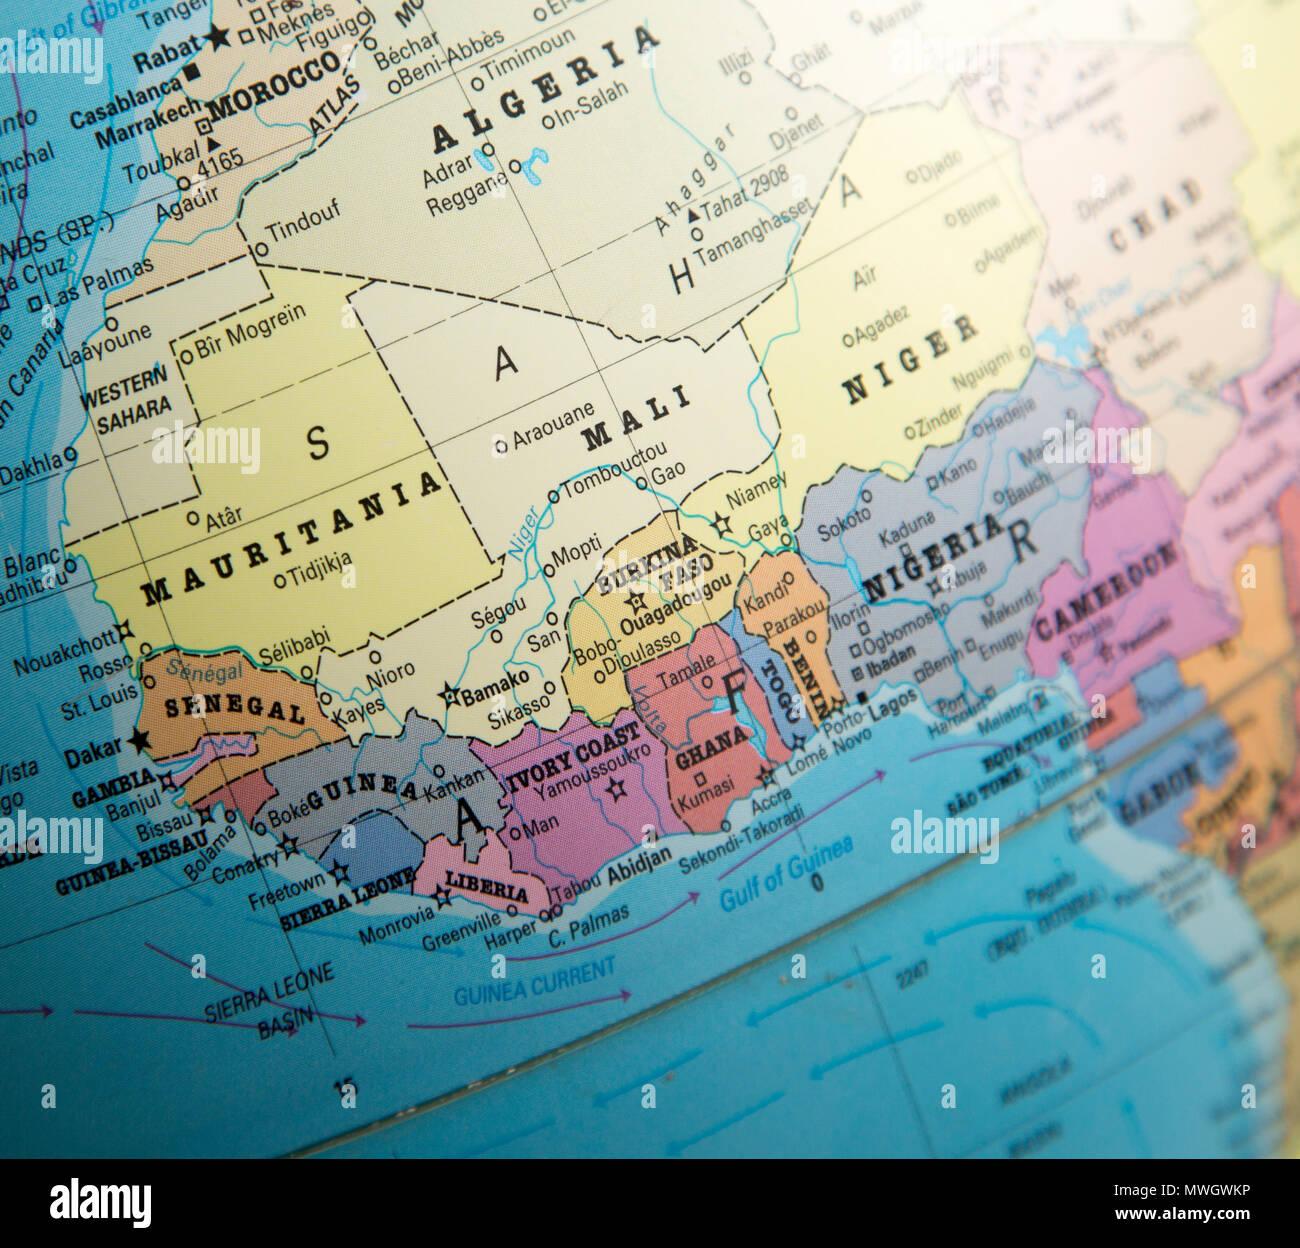 Africa Occidentale Cartina.Africa Occidentale Mappa Su Un Globo Focalizzata Sulla Costa